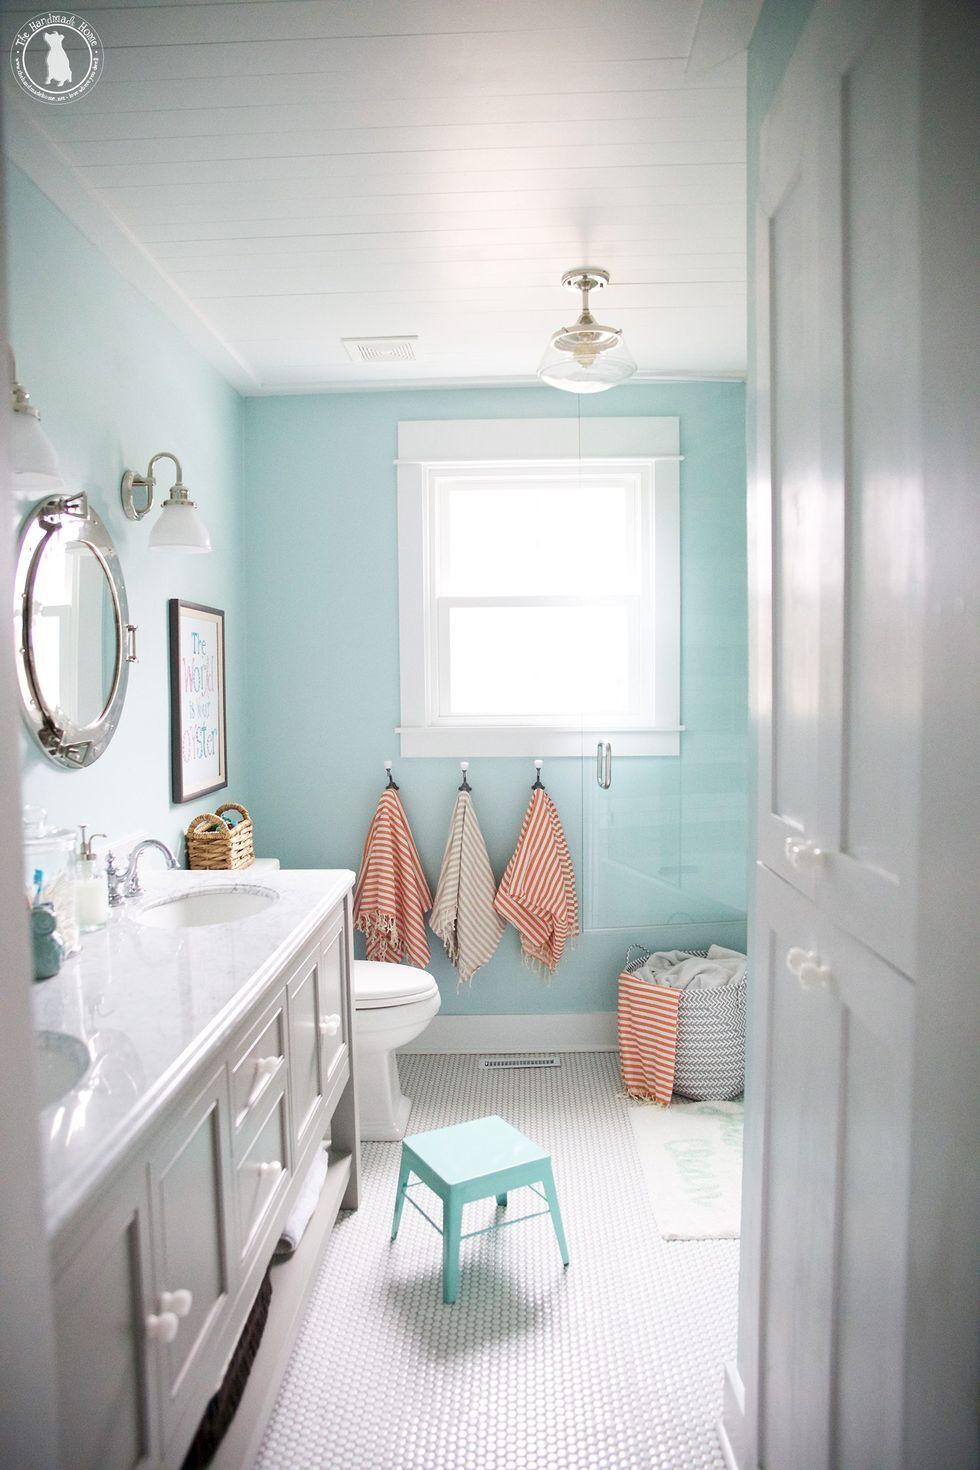 Phòng tắm sạch sẽ vừa đảm bảo sức khỏe, vừa đỡ mất công dọn dẹp nhiều